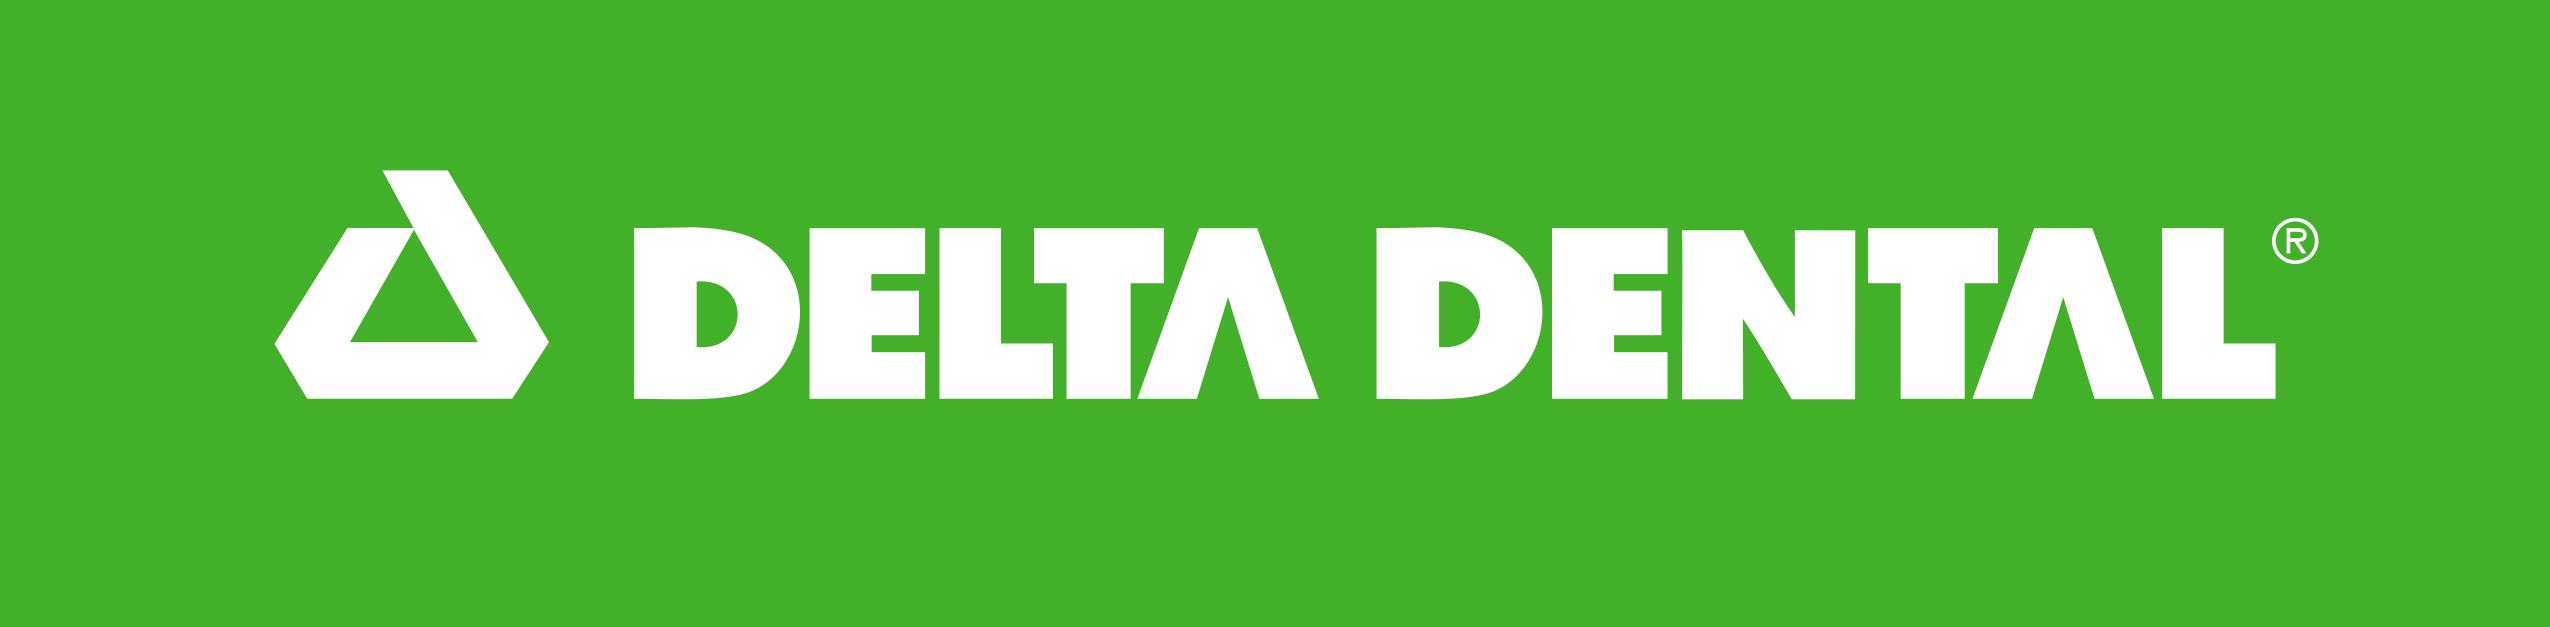 Sponsor Delta Dental